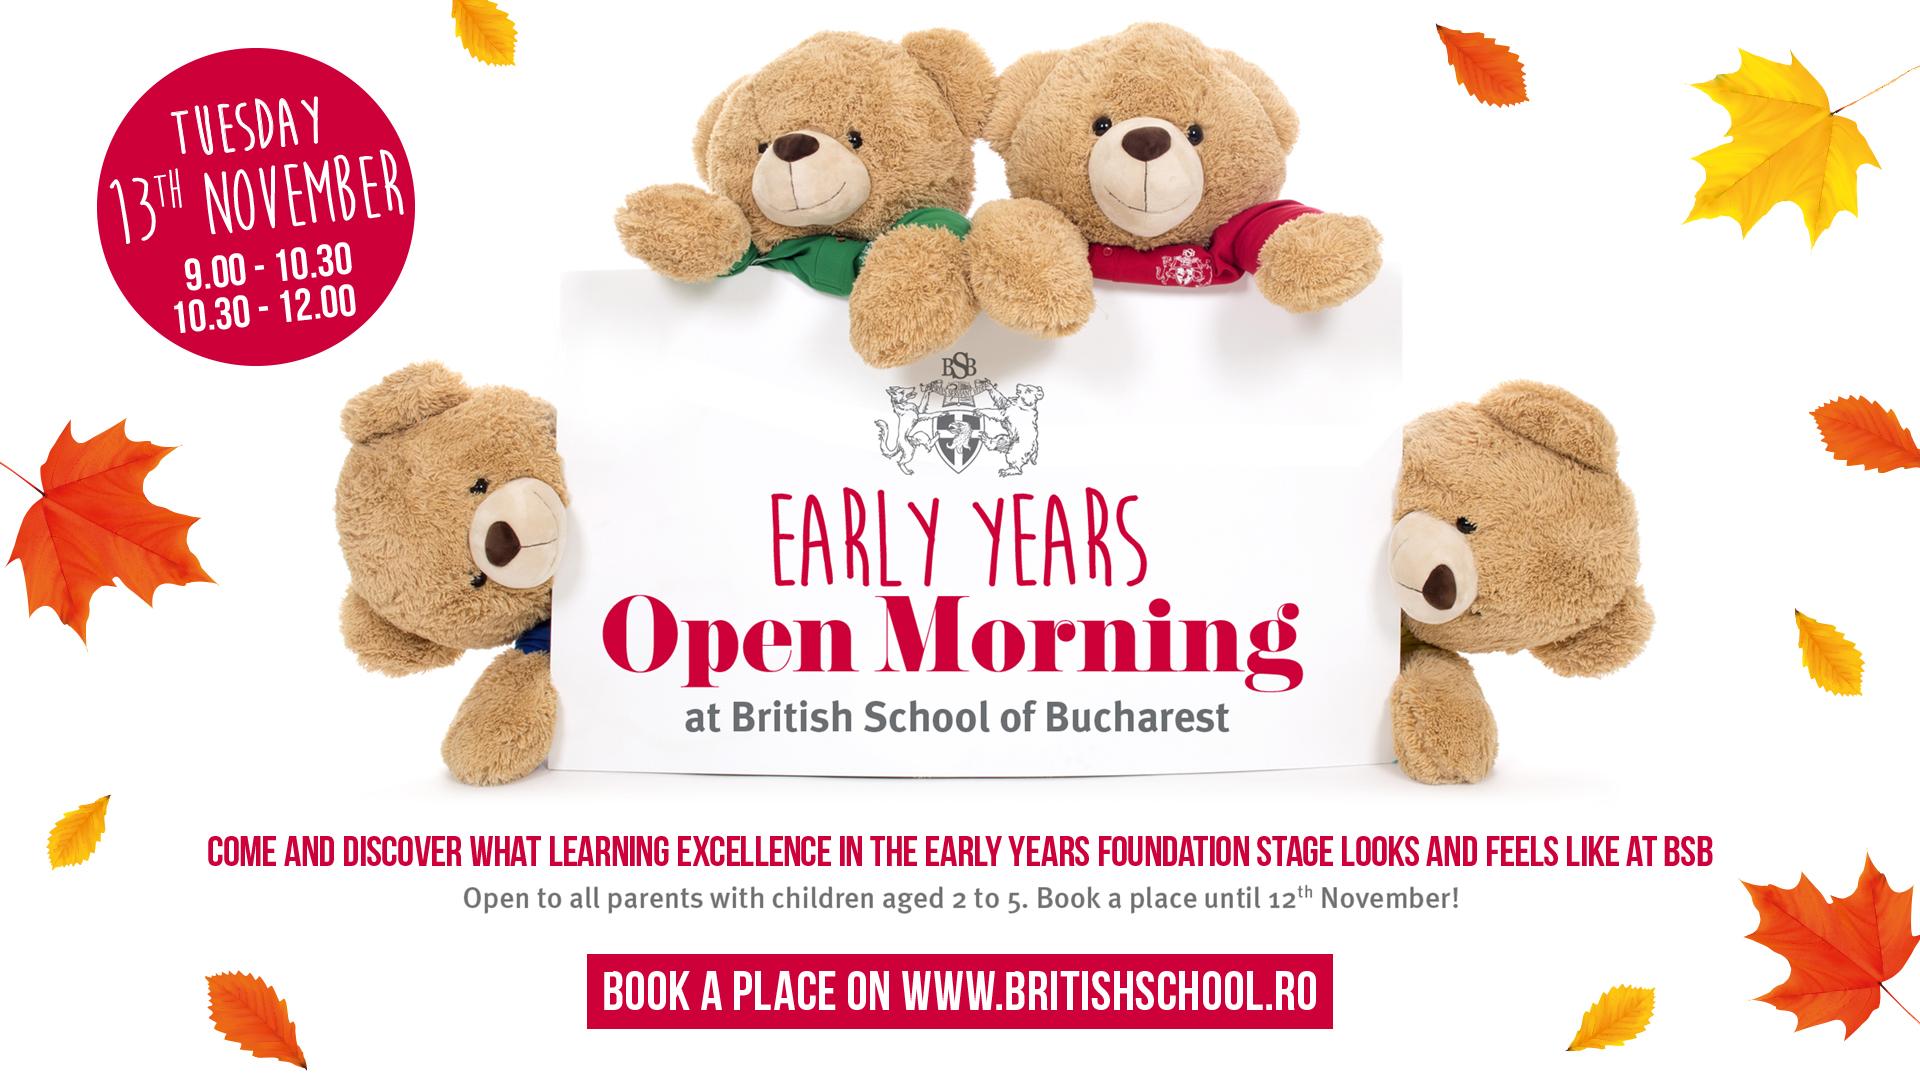 Ziua Porților Deschise dedicată preșcolarilor, la British School of Bucharest